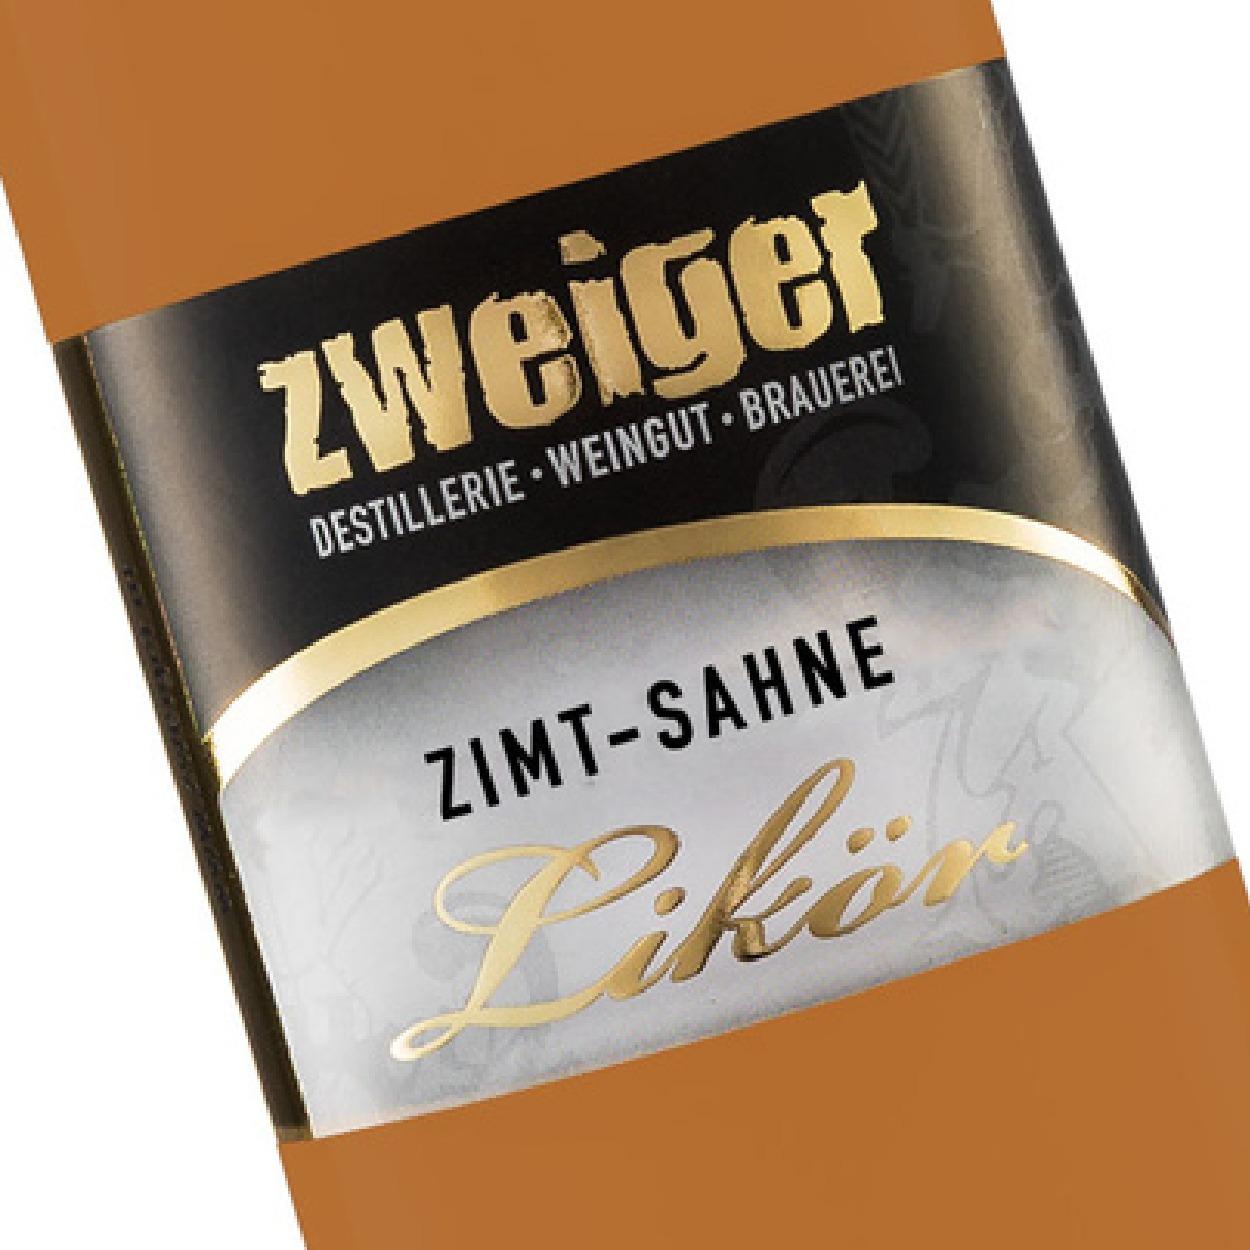 Zimt-Sahne Cremelikör Zweiger Destillerie